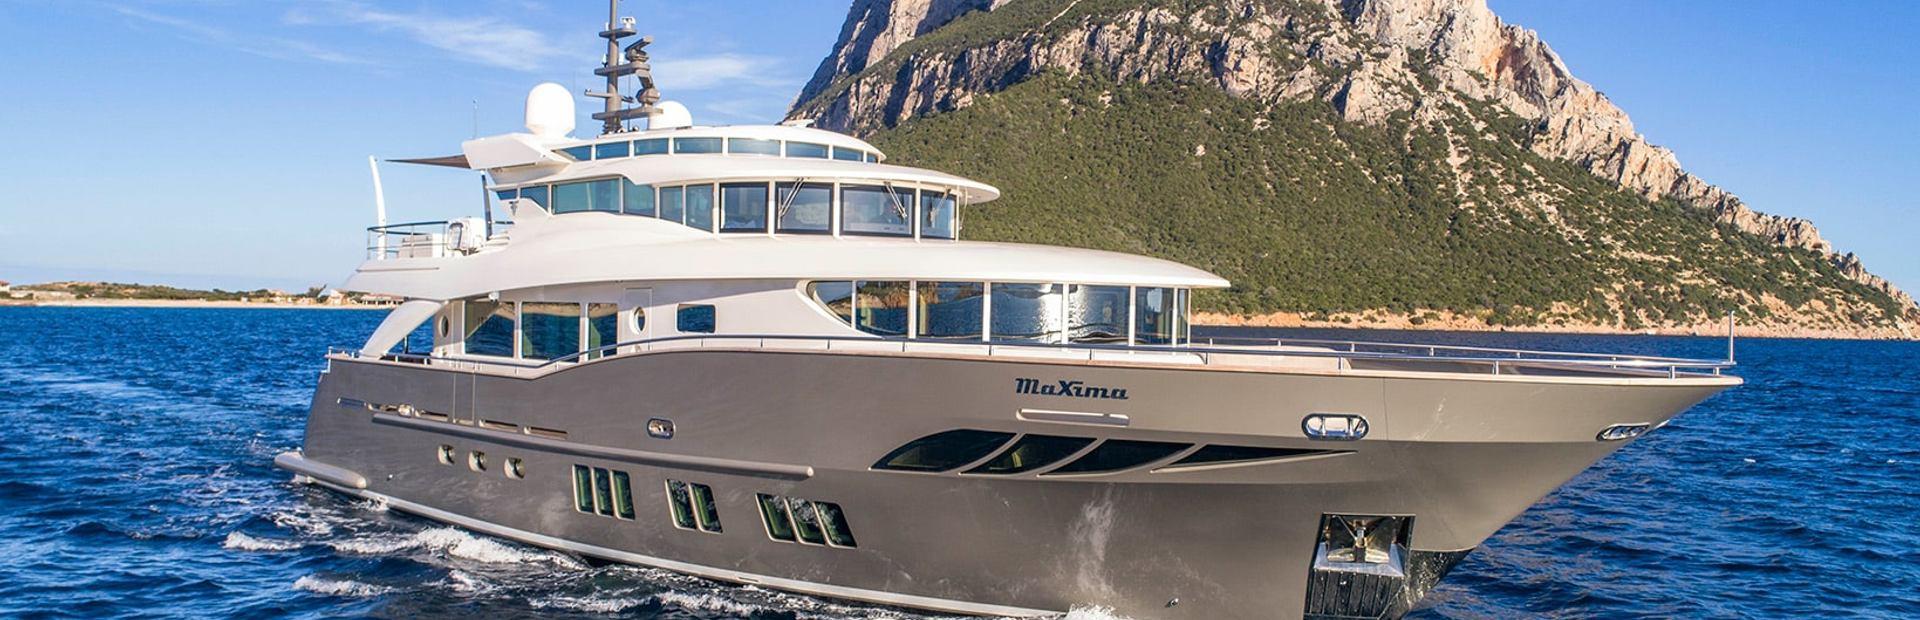 Navetta 26 Convertible Yacht Charter